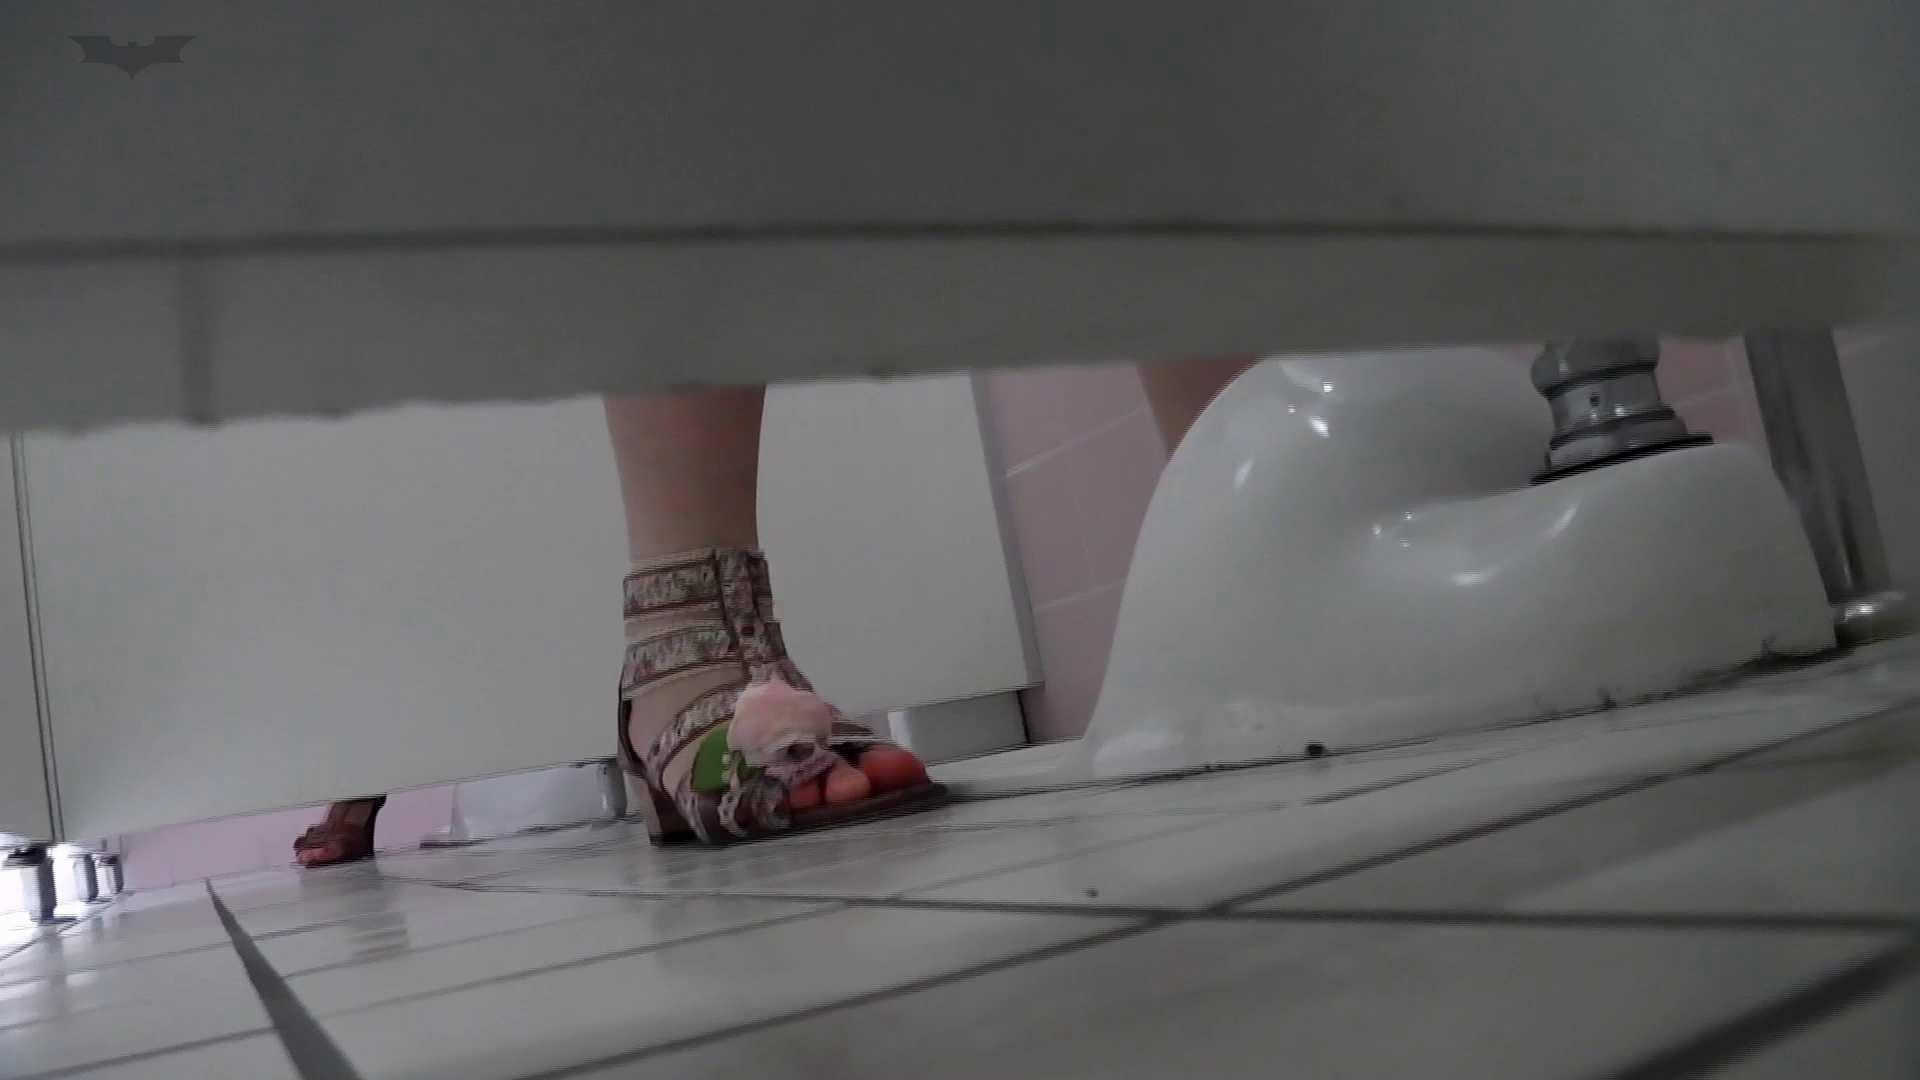 トイレ盗撮|美しい日本の未来 No.22 番外編 普段公開しないシーンを詰め合わせ|怪盗ジョーカー